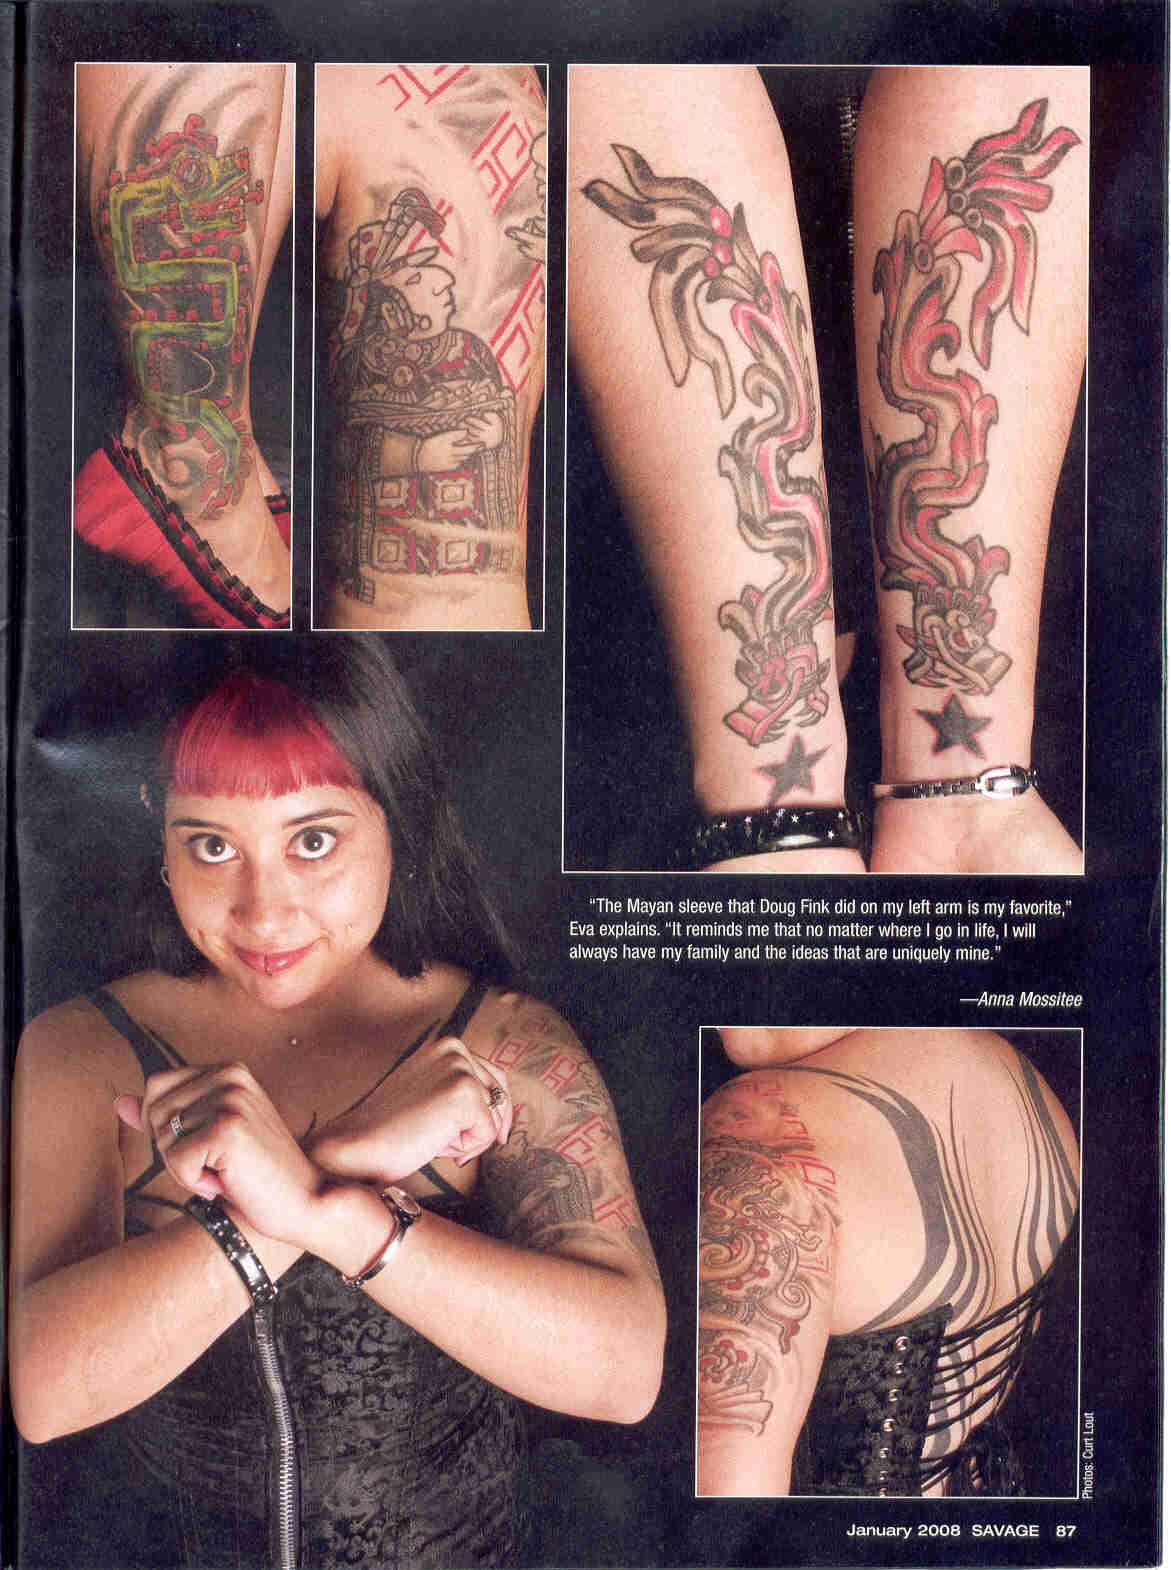 SAVAGE MAG JANUARY 2008 page 3